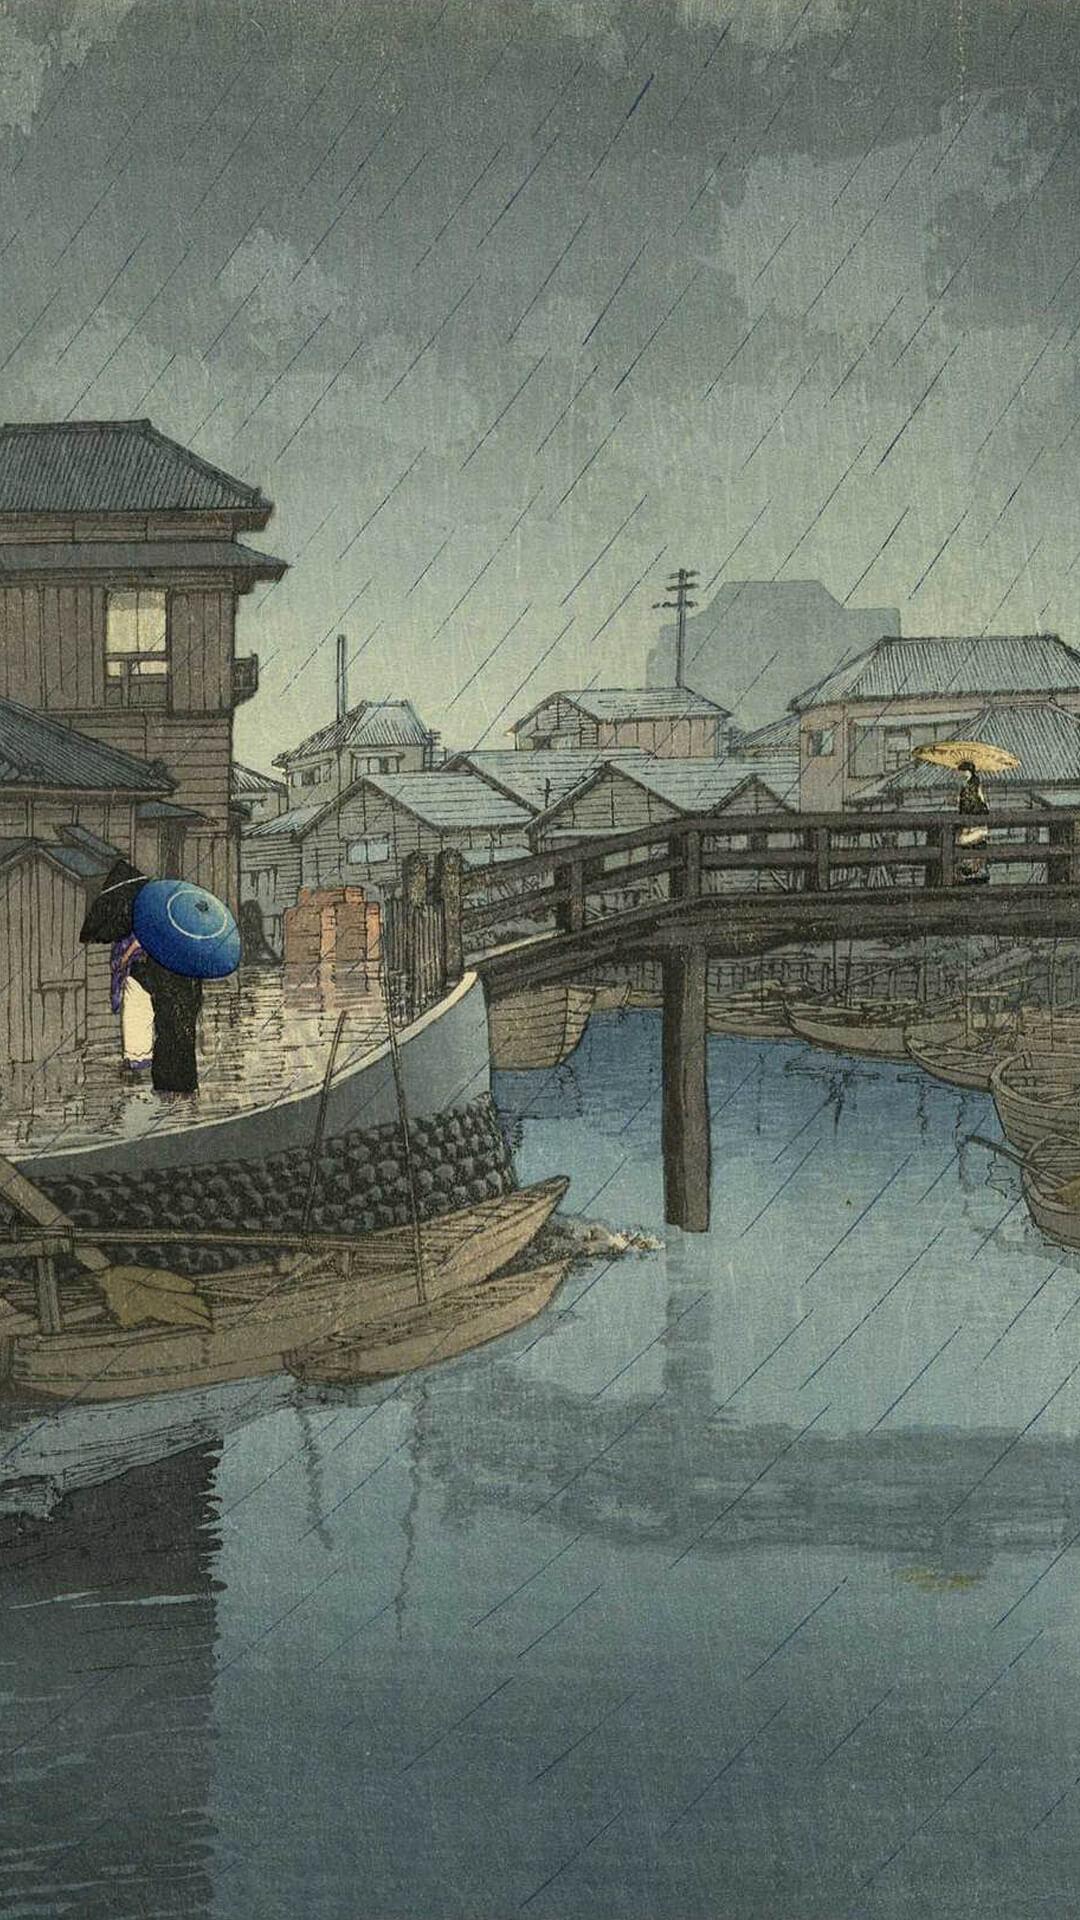 kawase hasui-toukaidou fuukeisensyu shinagawa_1080x1920